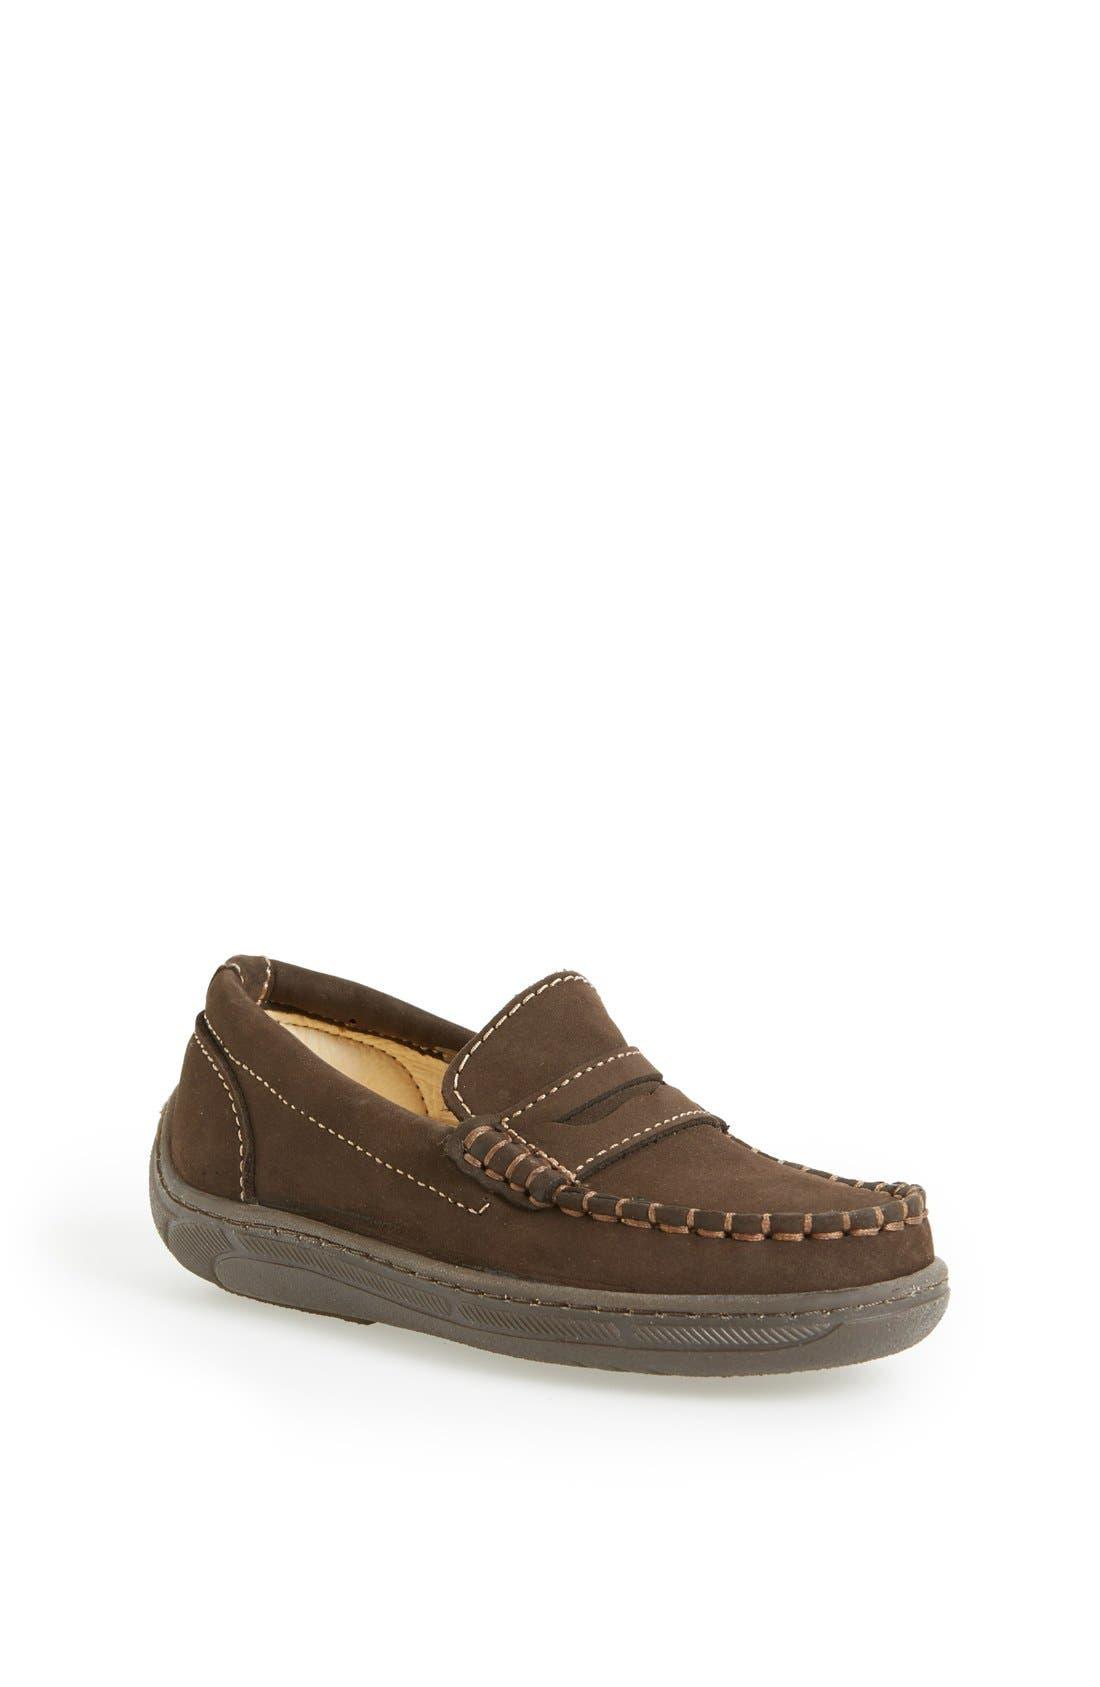 PRIMIGI 'Choate' Slip-On Loafer, Main, color, 210